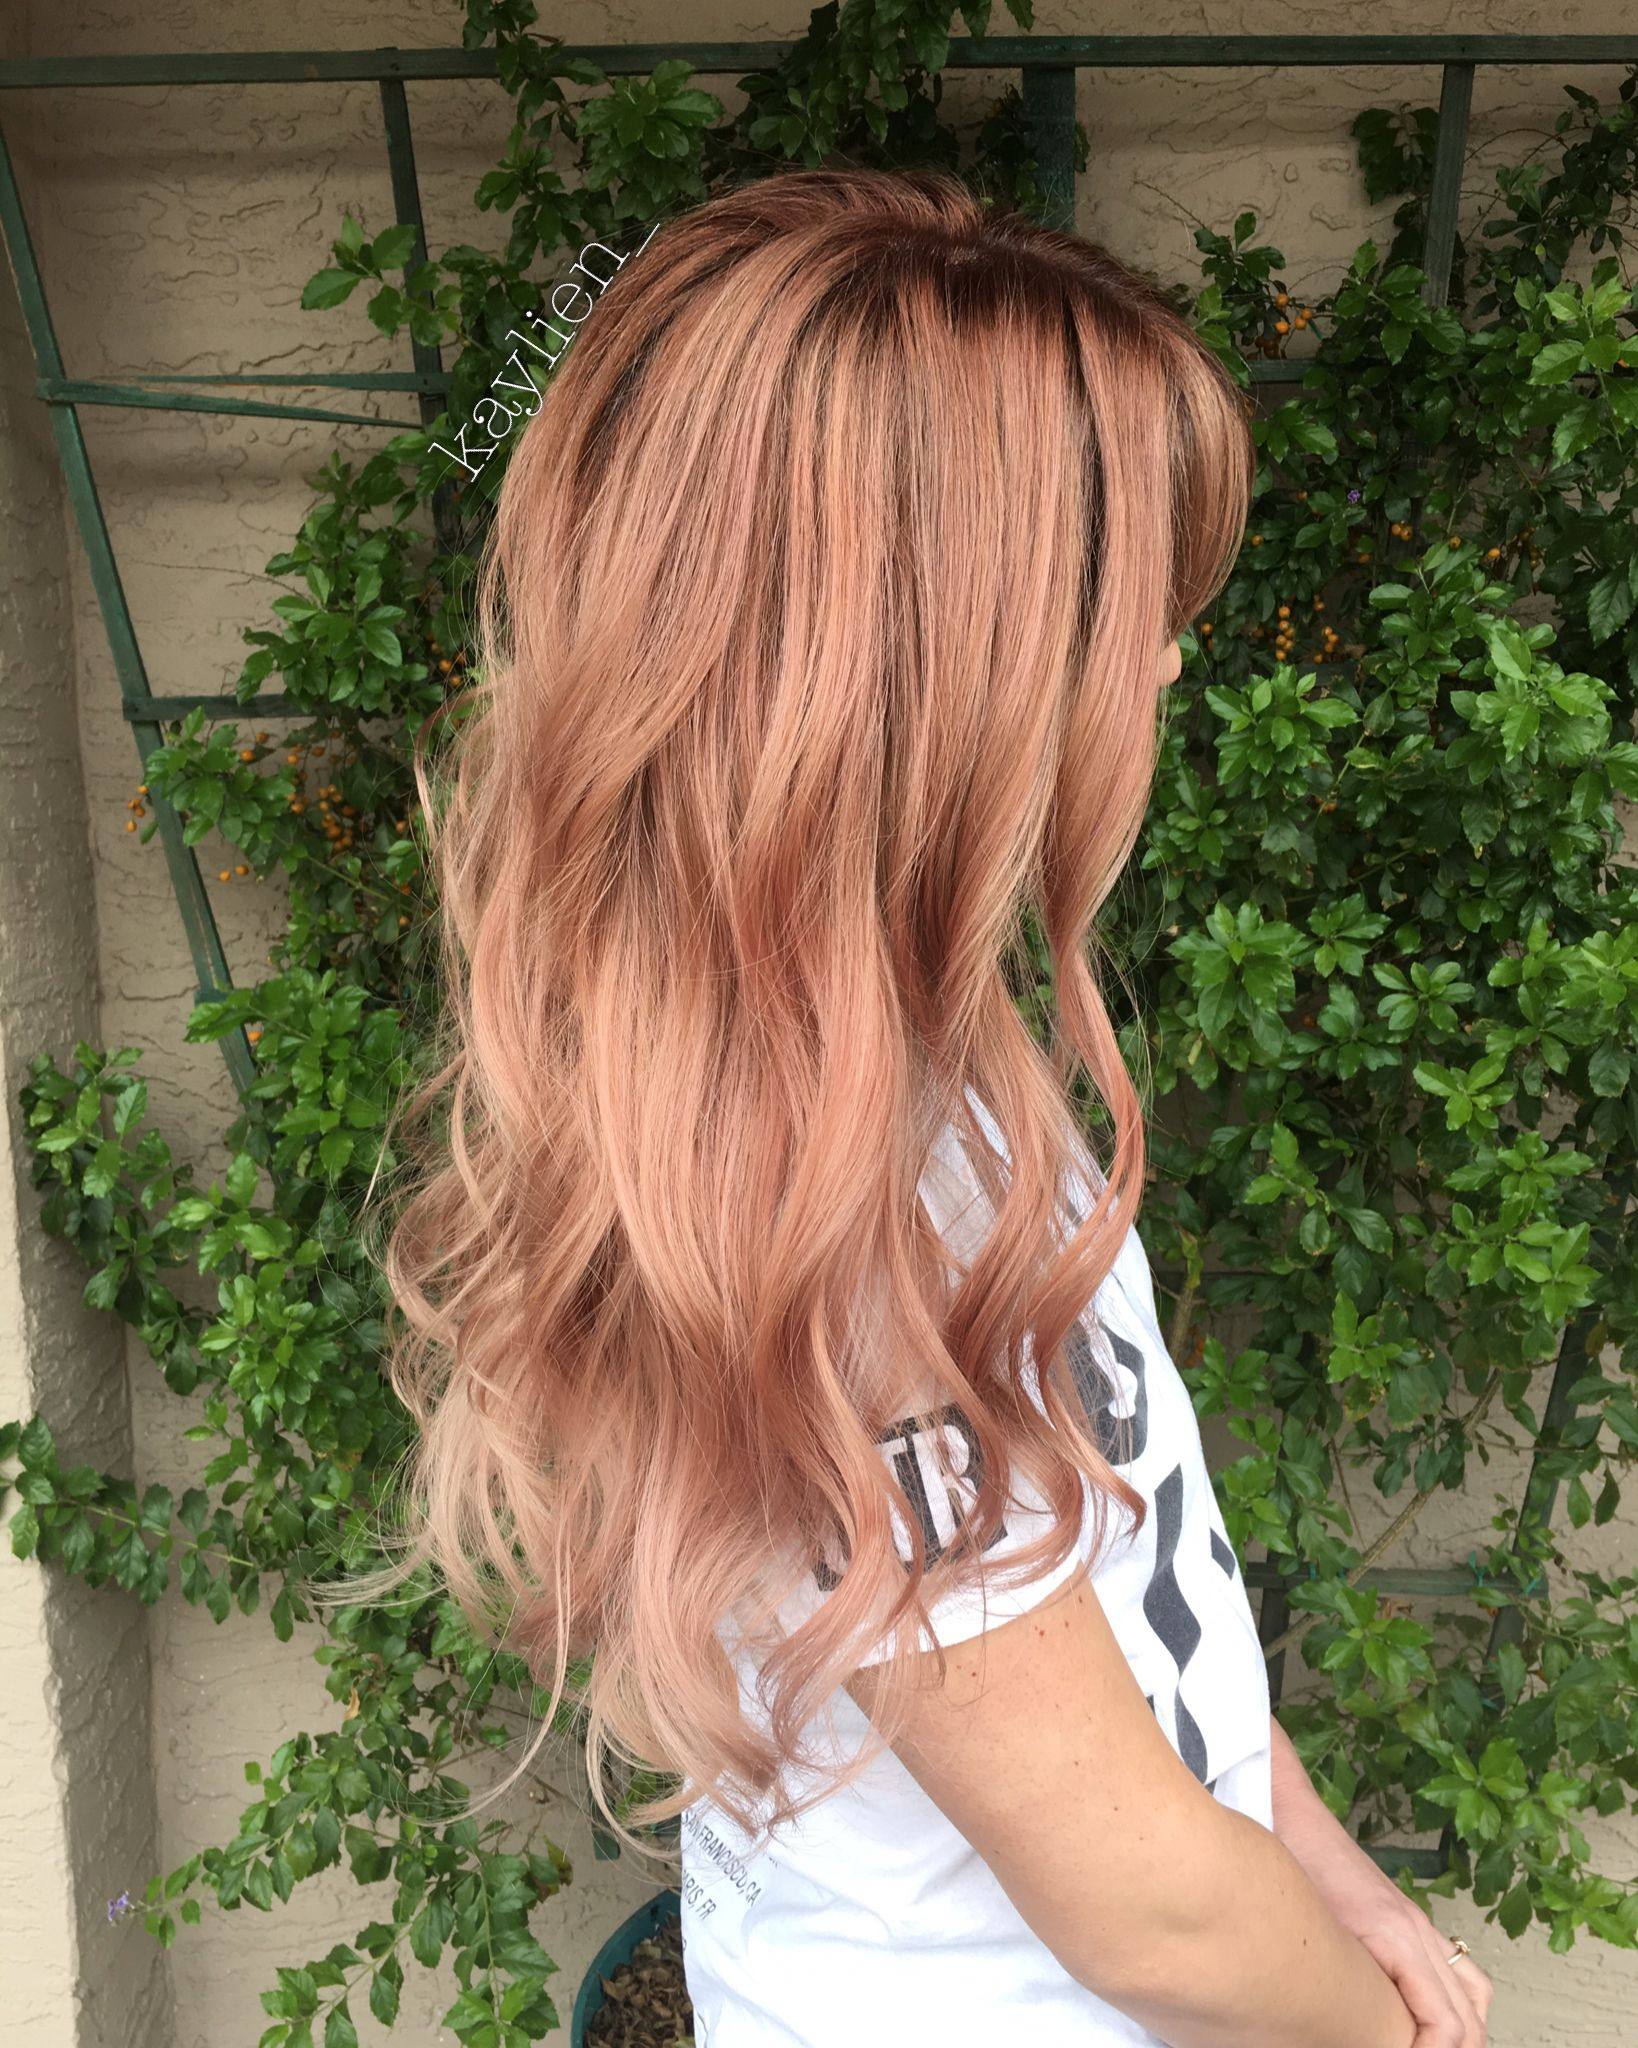 Rose gold hair used kenra metallics beeeeeeyoutifulllll